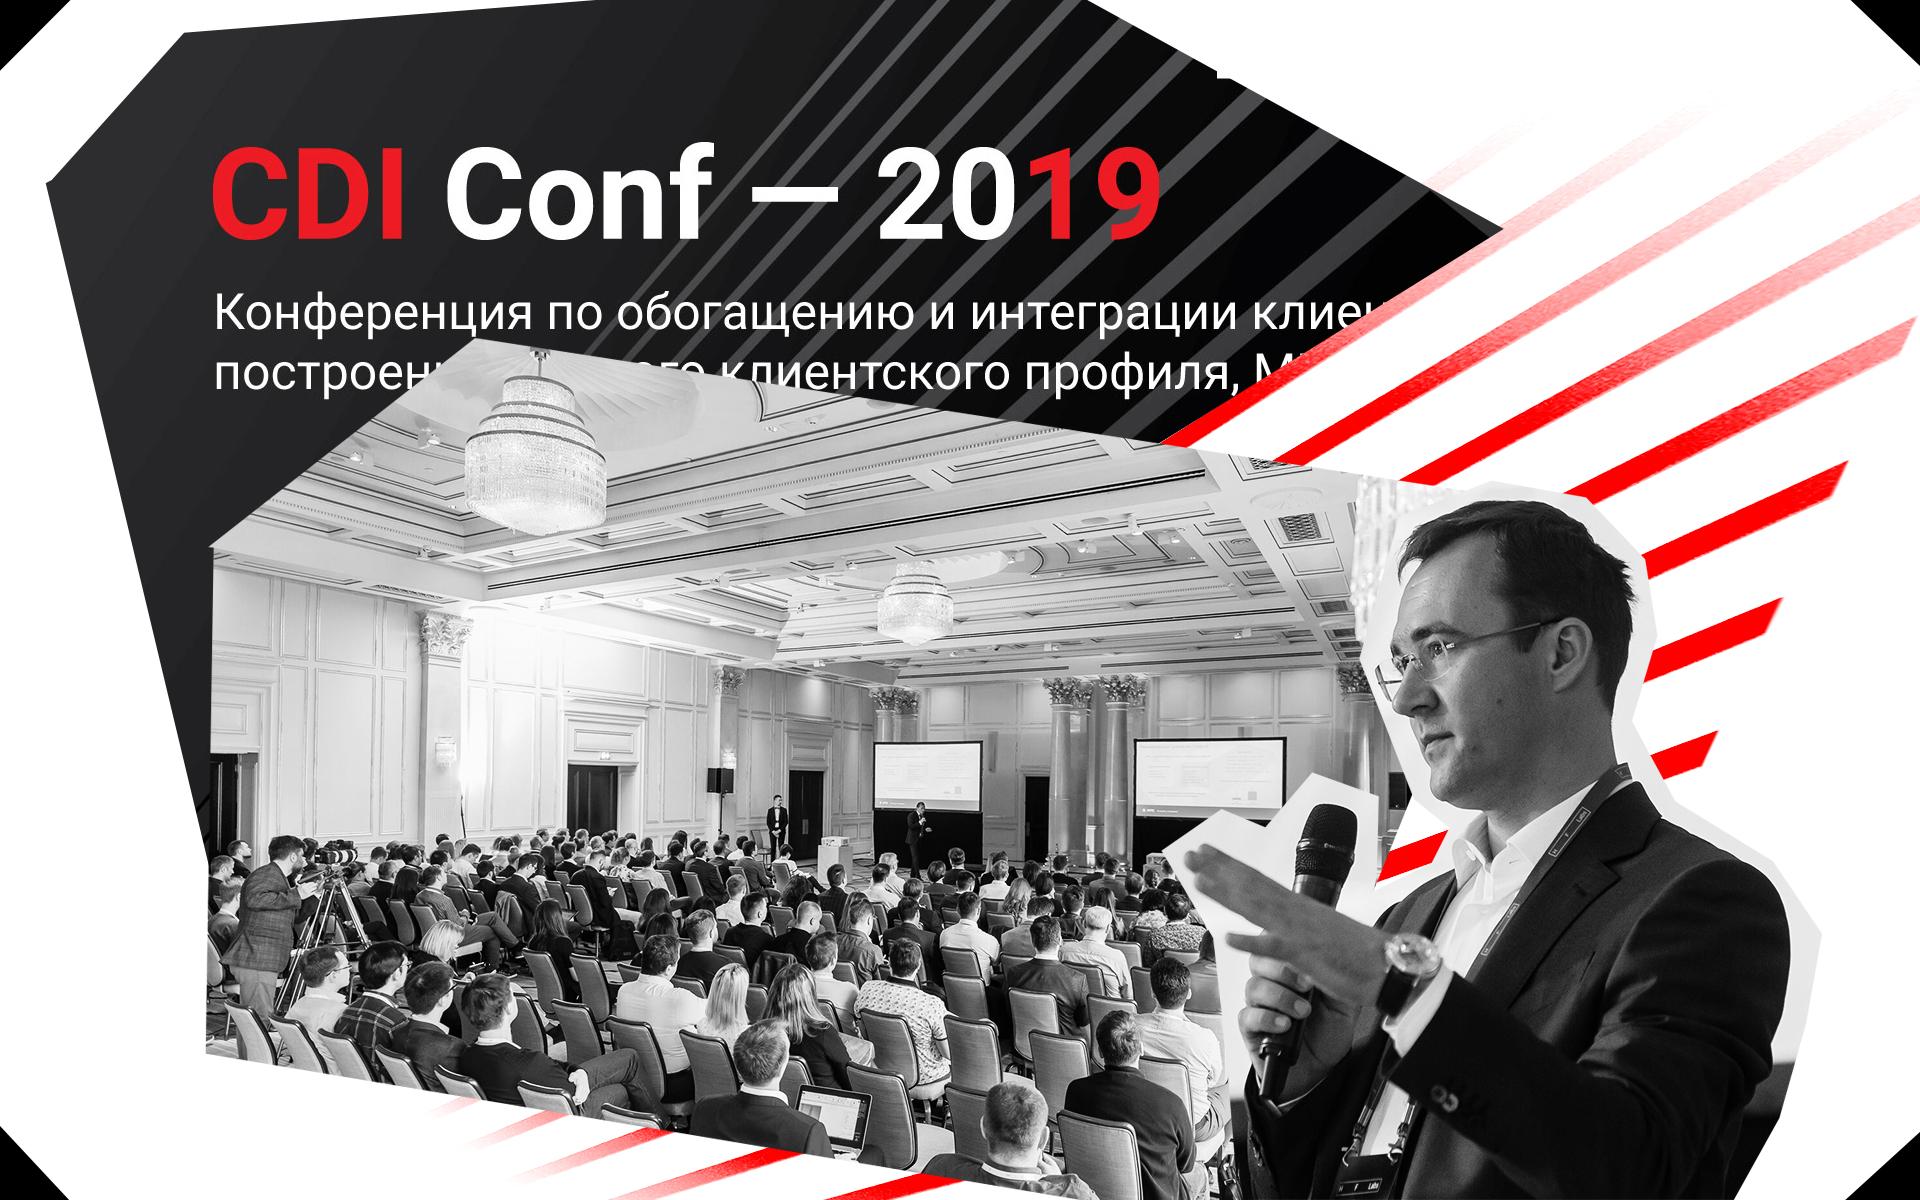 Подоспели доклады с CDIConf—2019